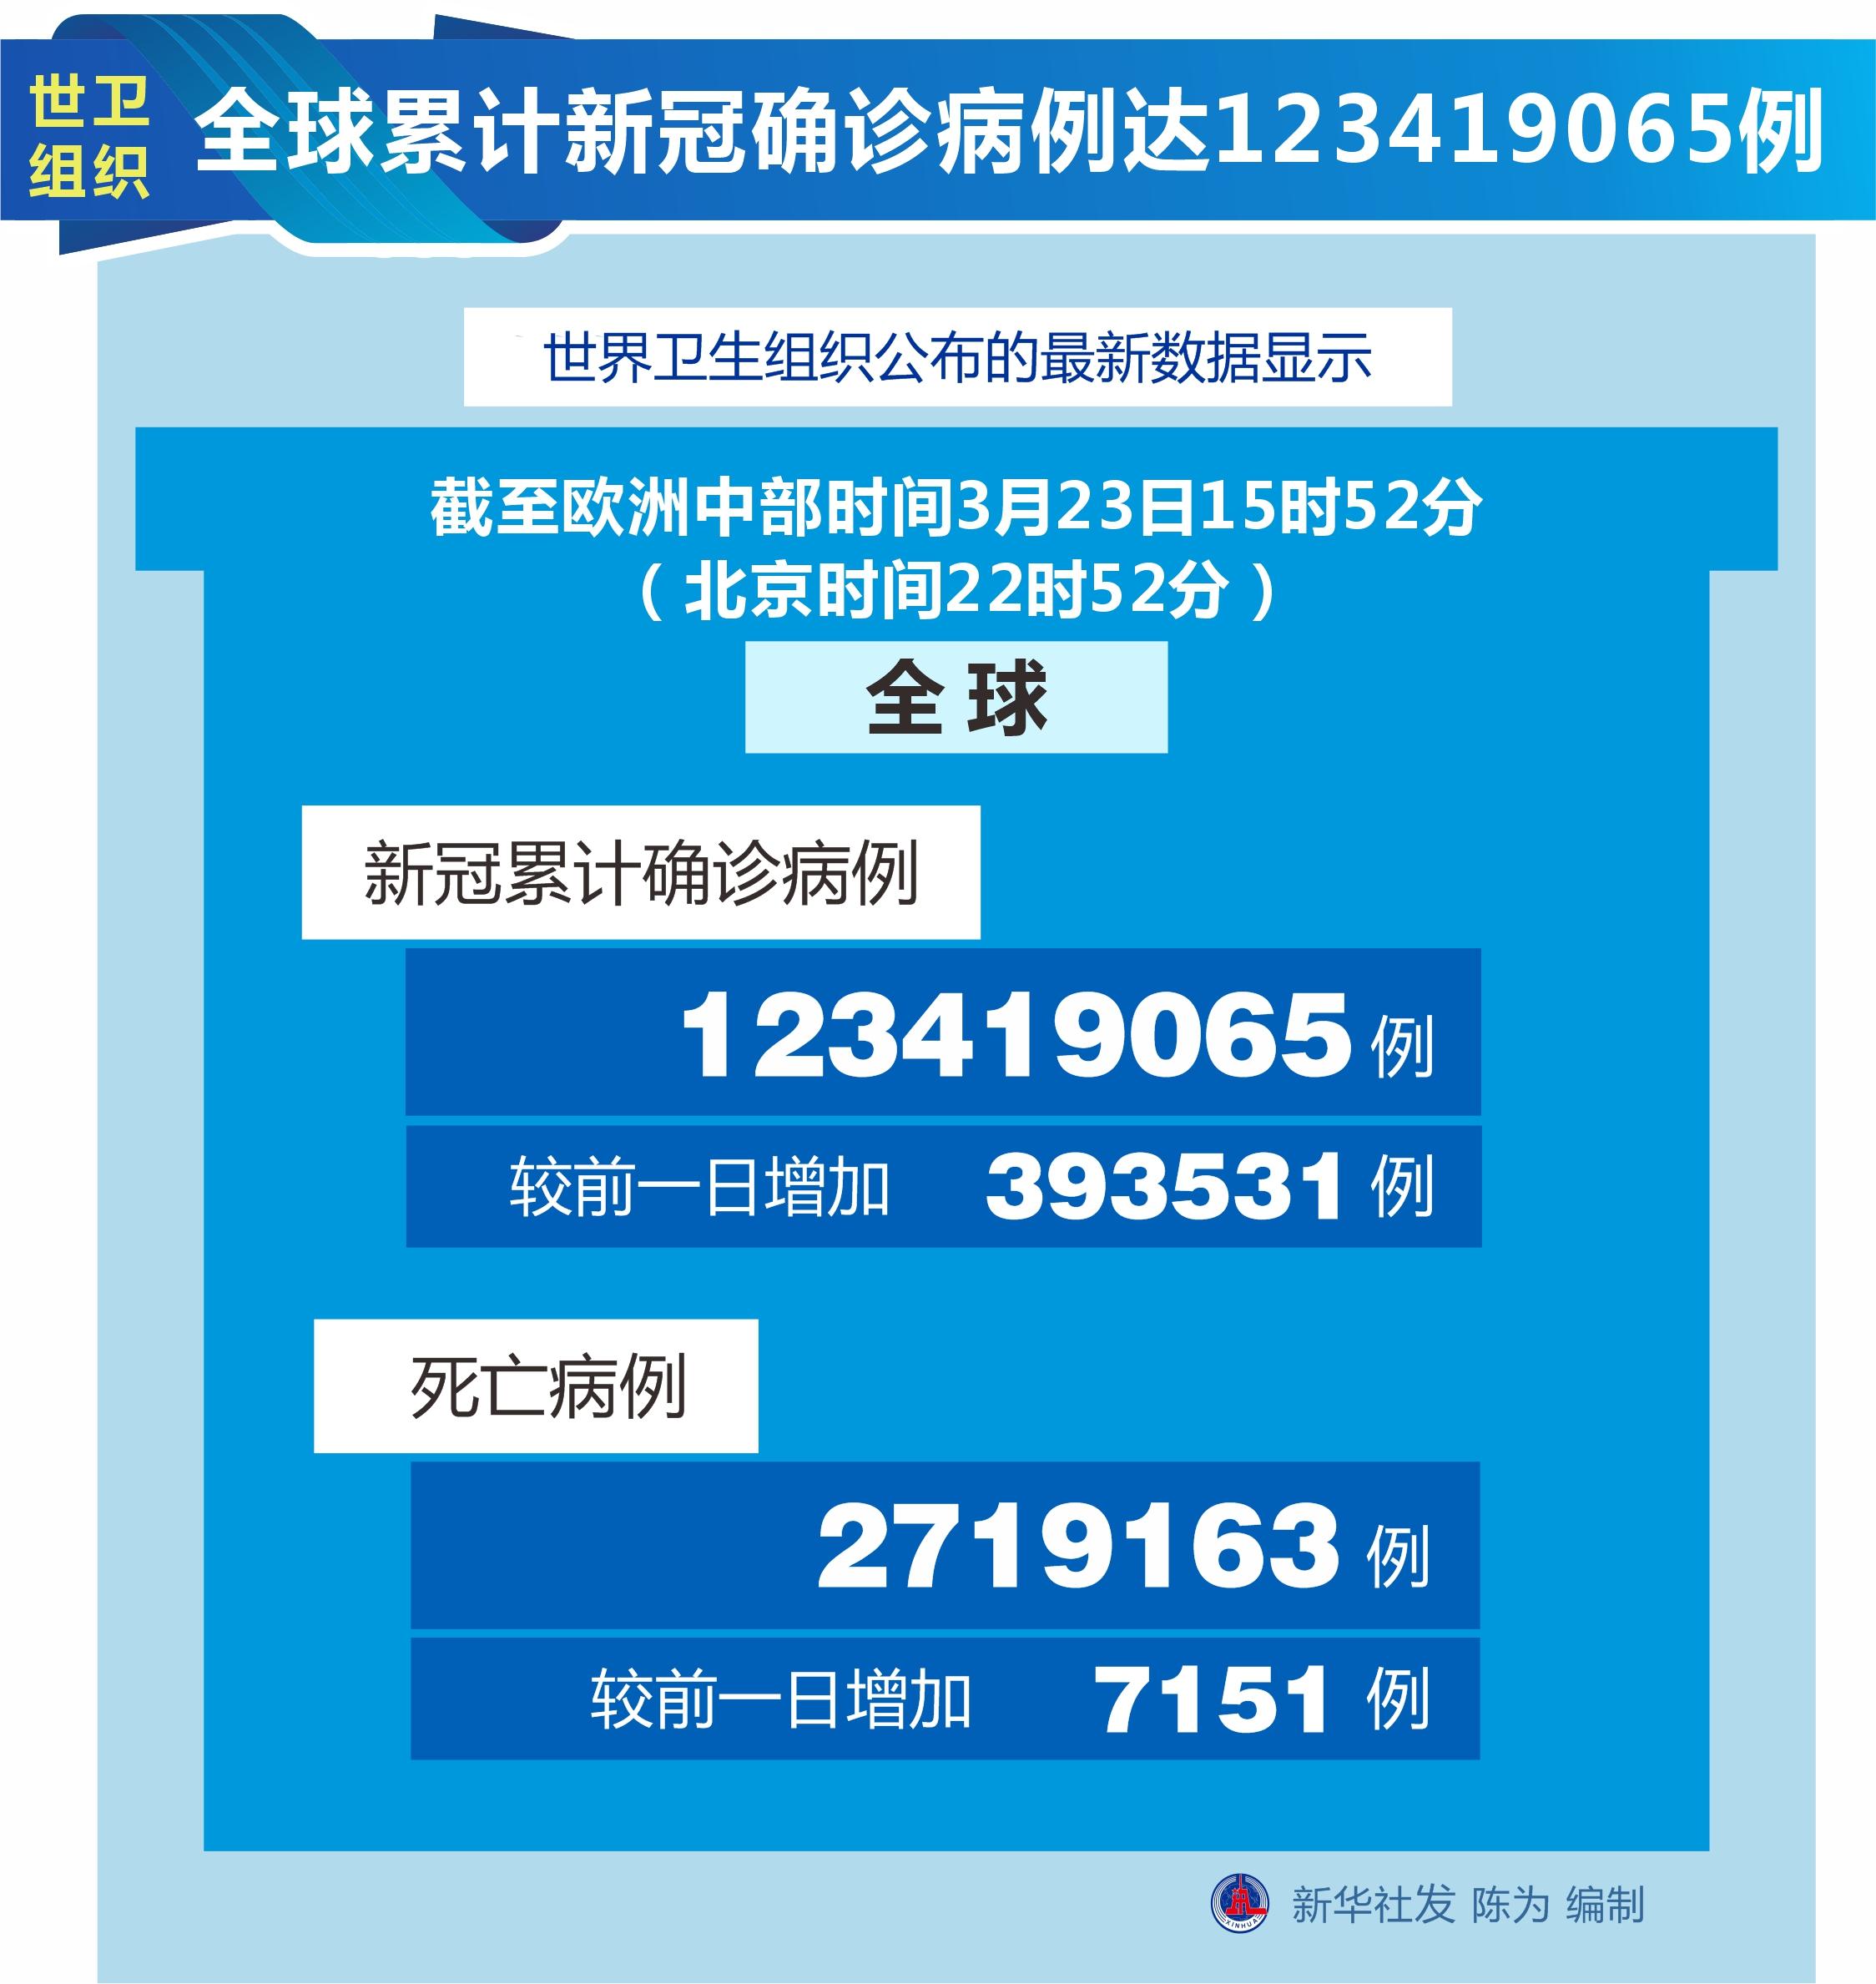 [国际疫情]世卫组织:全球新冠肺炎累计确诊病例数达到123,419,065例